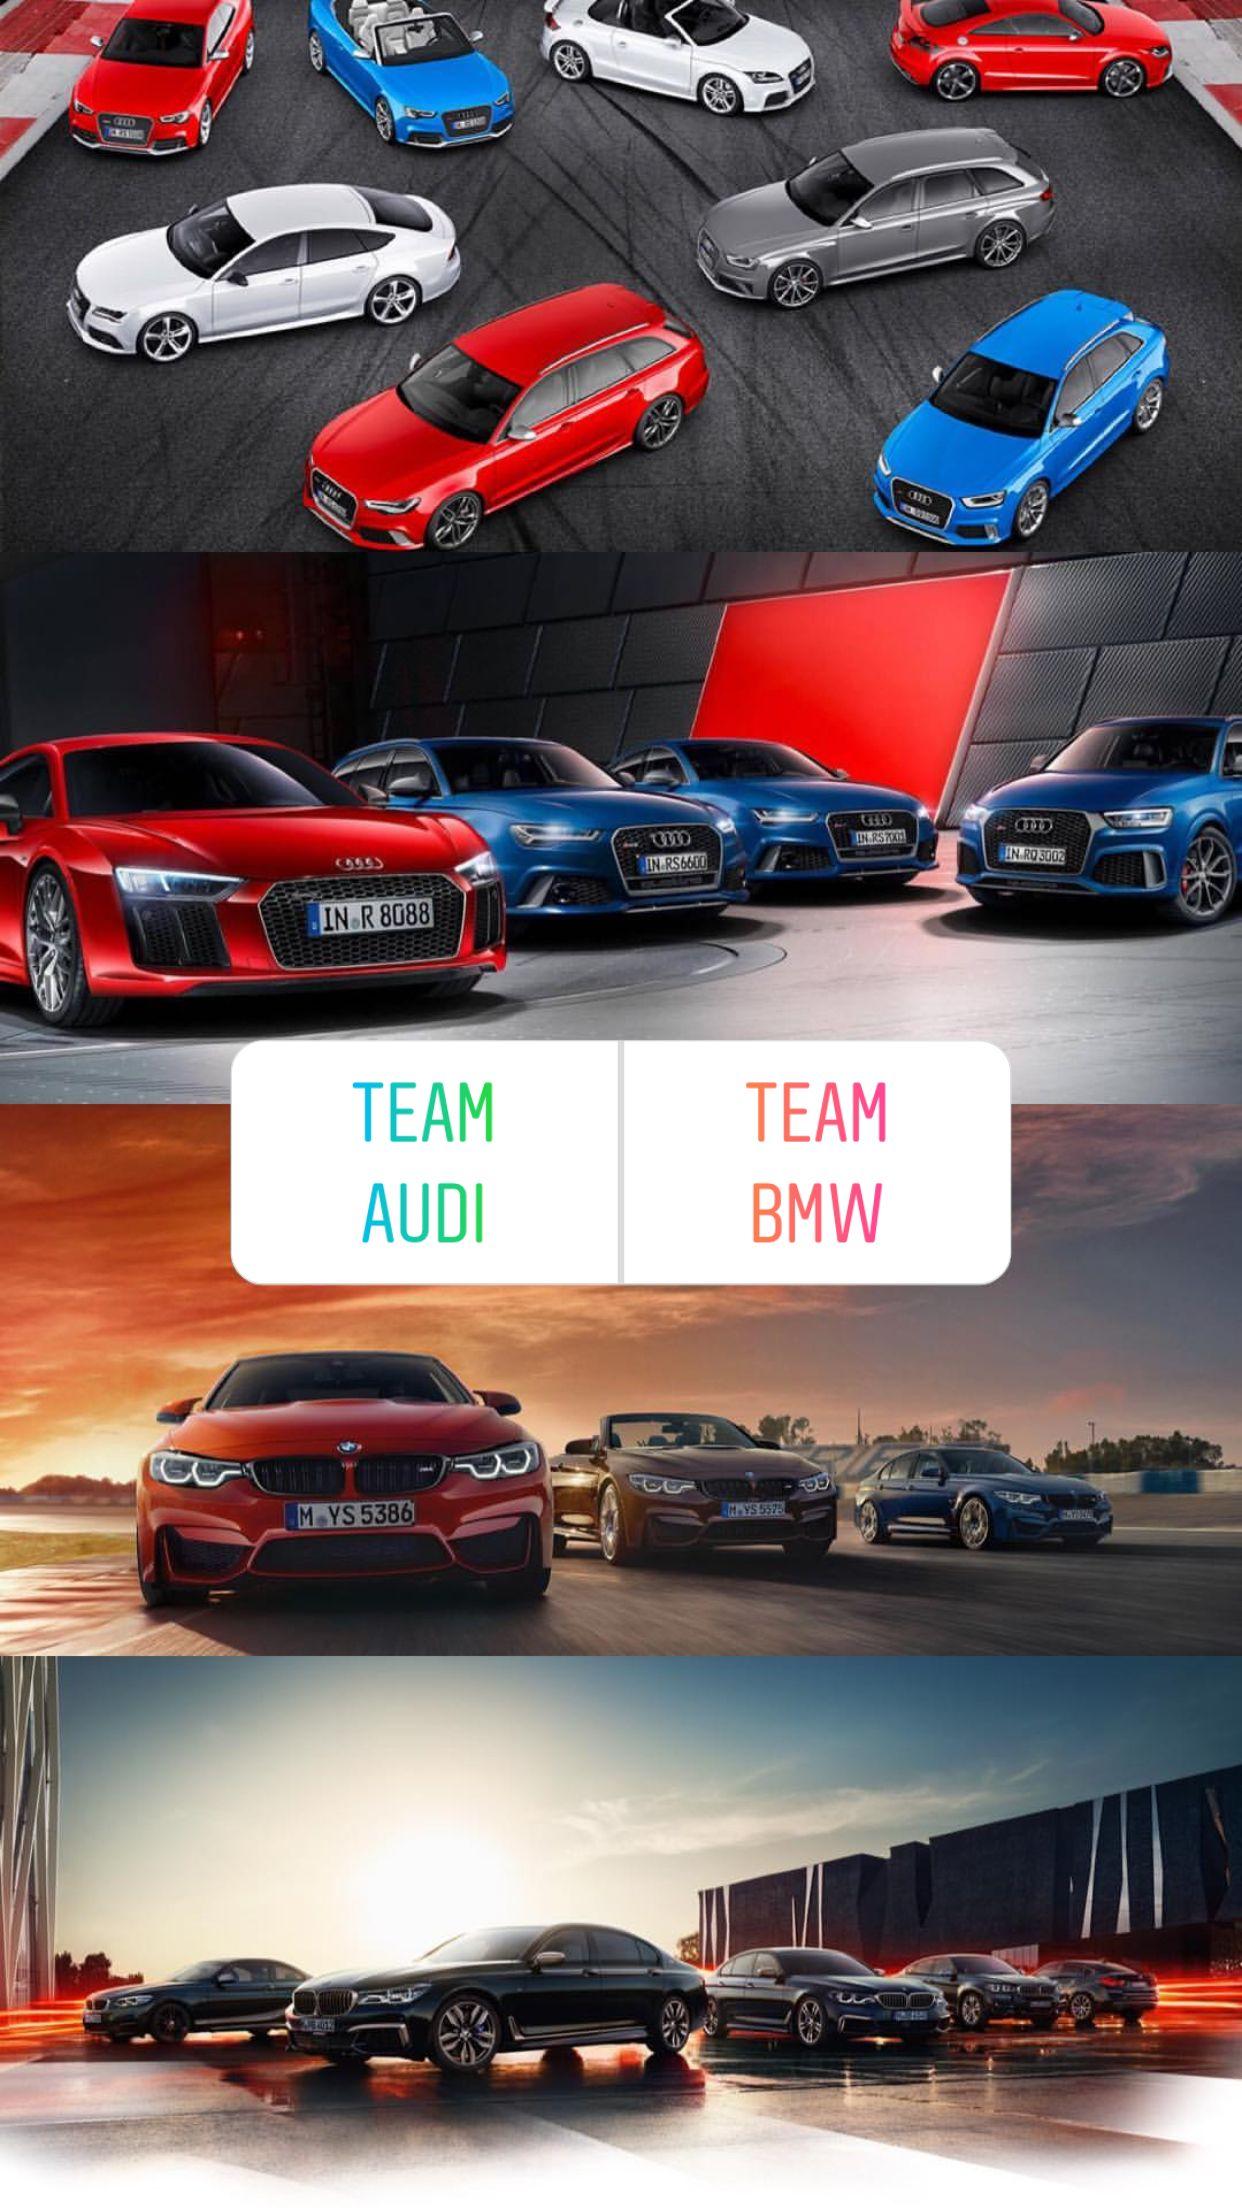 Audi Or Bmw